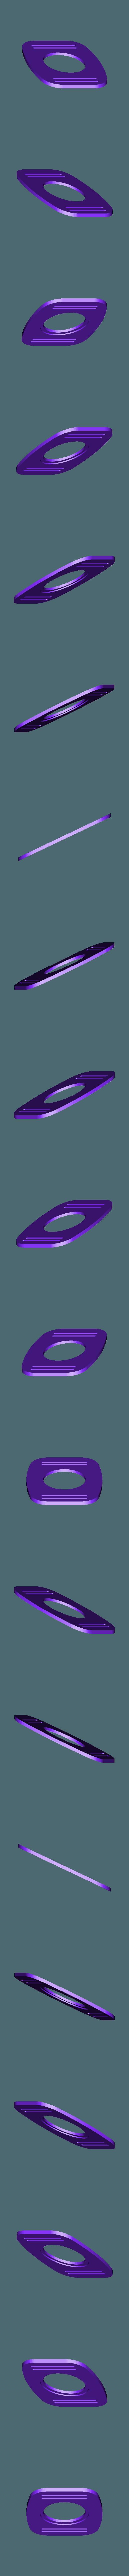 Front_Cover.stl Télécharger fichier STL gratuit Mario + Lapins Crétins - Plumer's Helper Boomshot • Modèle pour impression 3D, Dsk